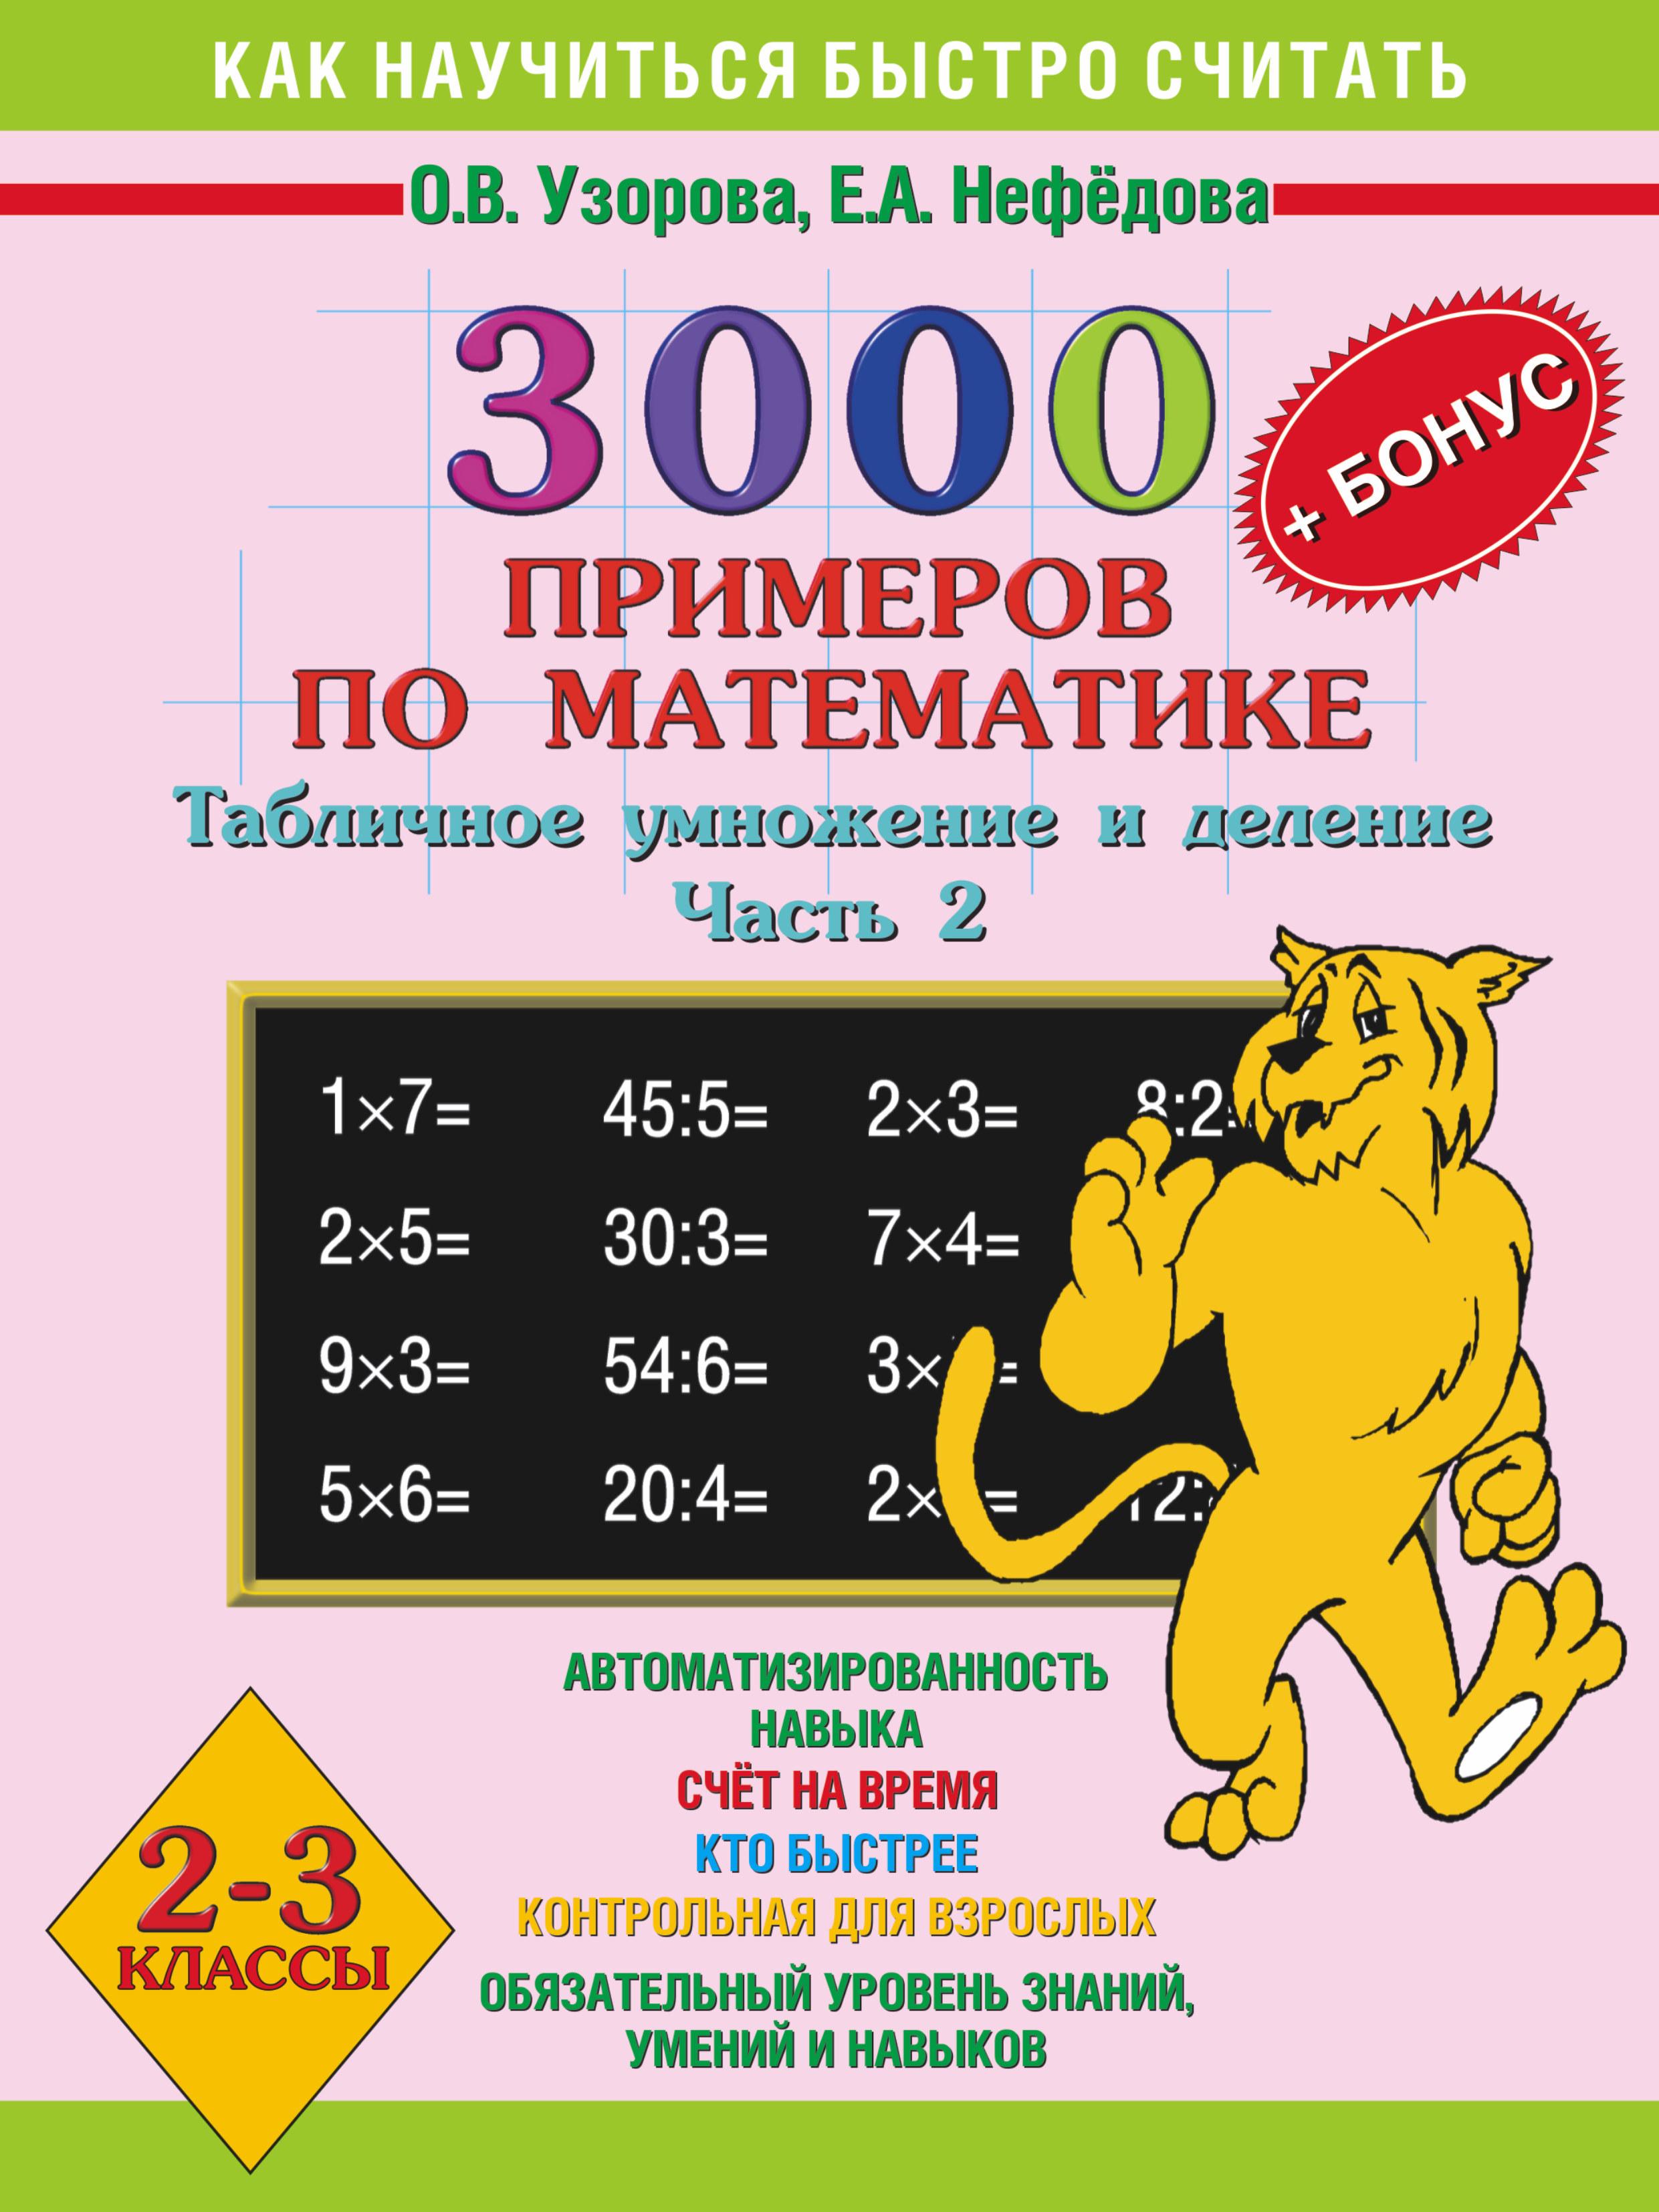 3000 примеров по математике. Табличное умножение и деление. 2-3 классы. Ч. 2